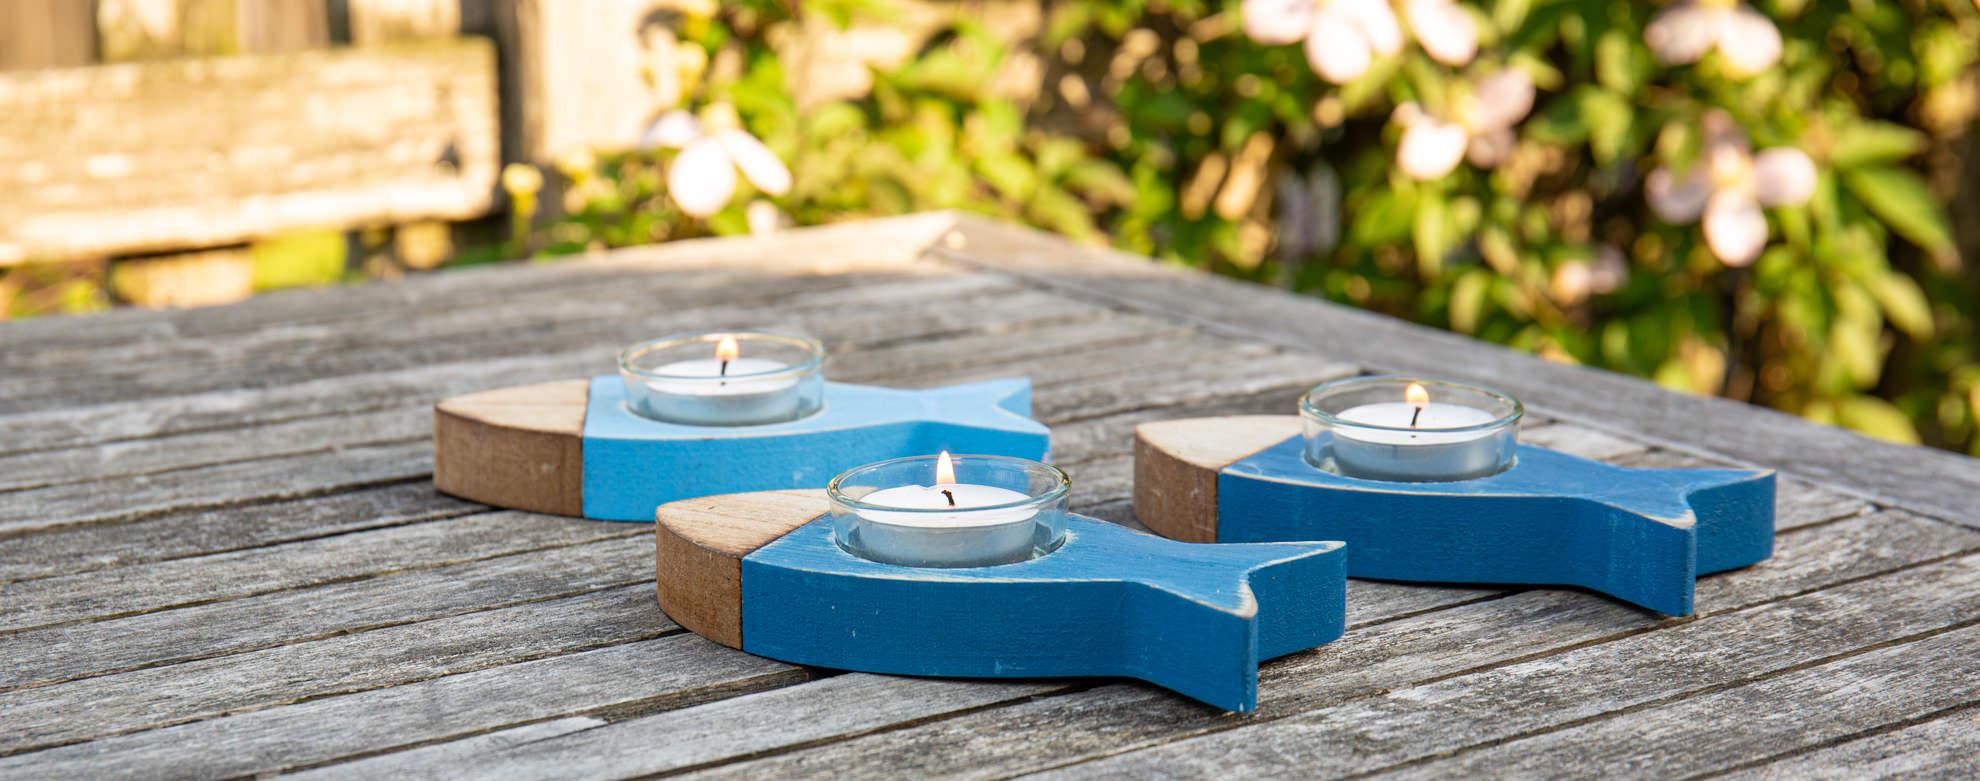 Kerzen, Teelichter